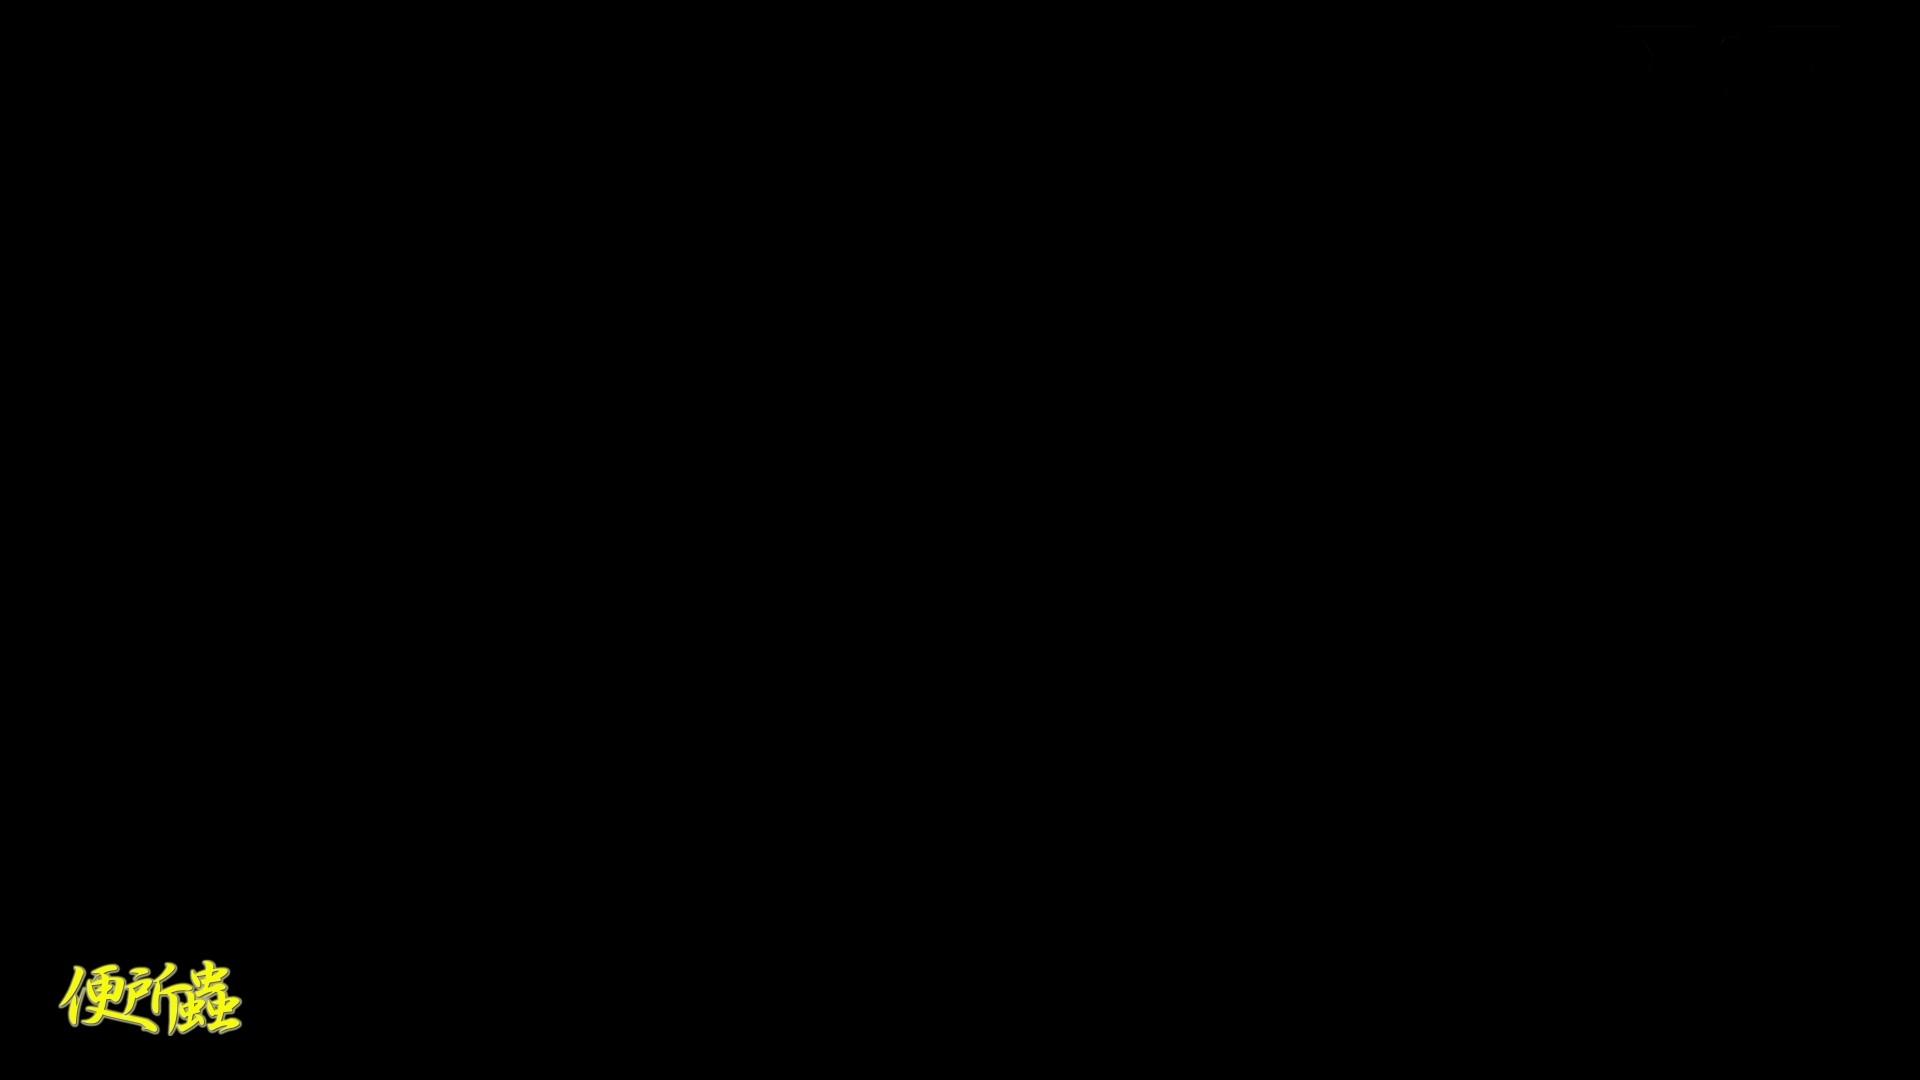 7名登場※【洗面所盗撮】vol.18 便所蟲さんのリターン~寺子屋洗面所盗撮~ 便器  85Pix 21